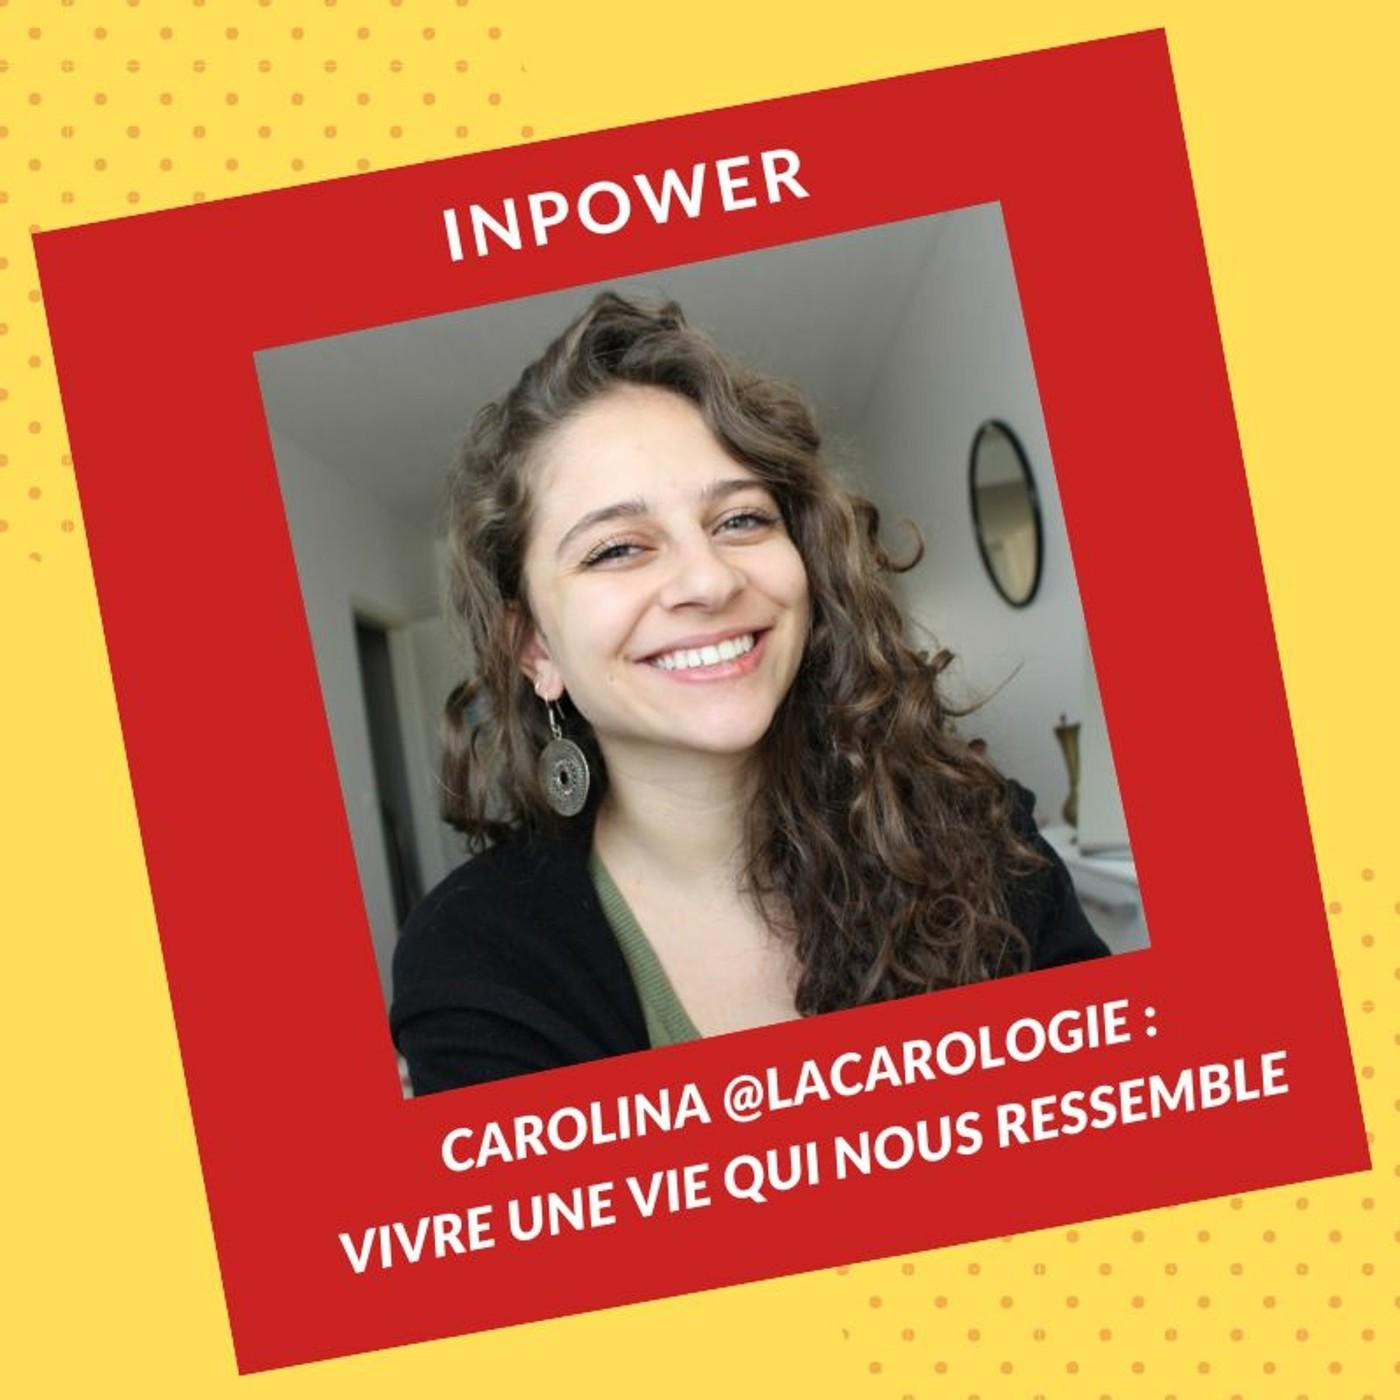 Carolina @LaCarologie - Vivre une vie qui nous ressemble